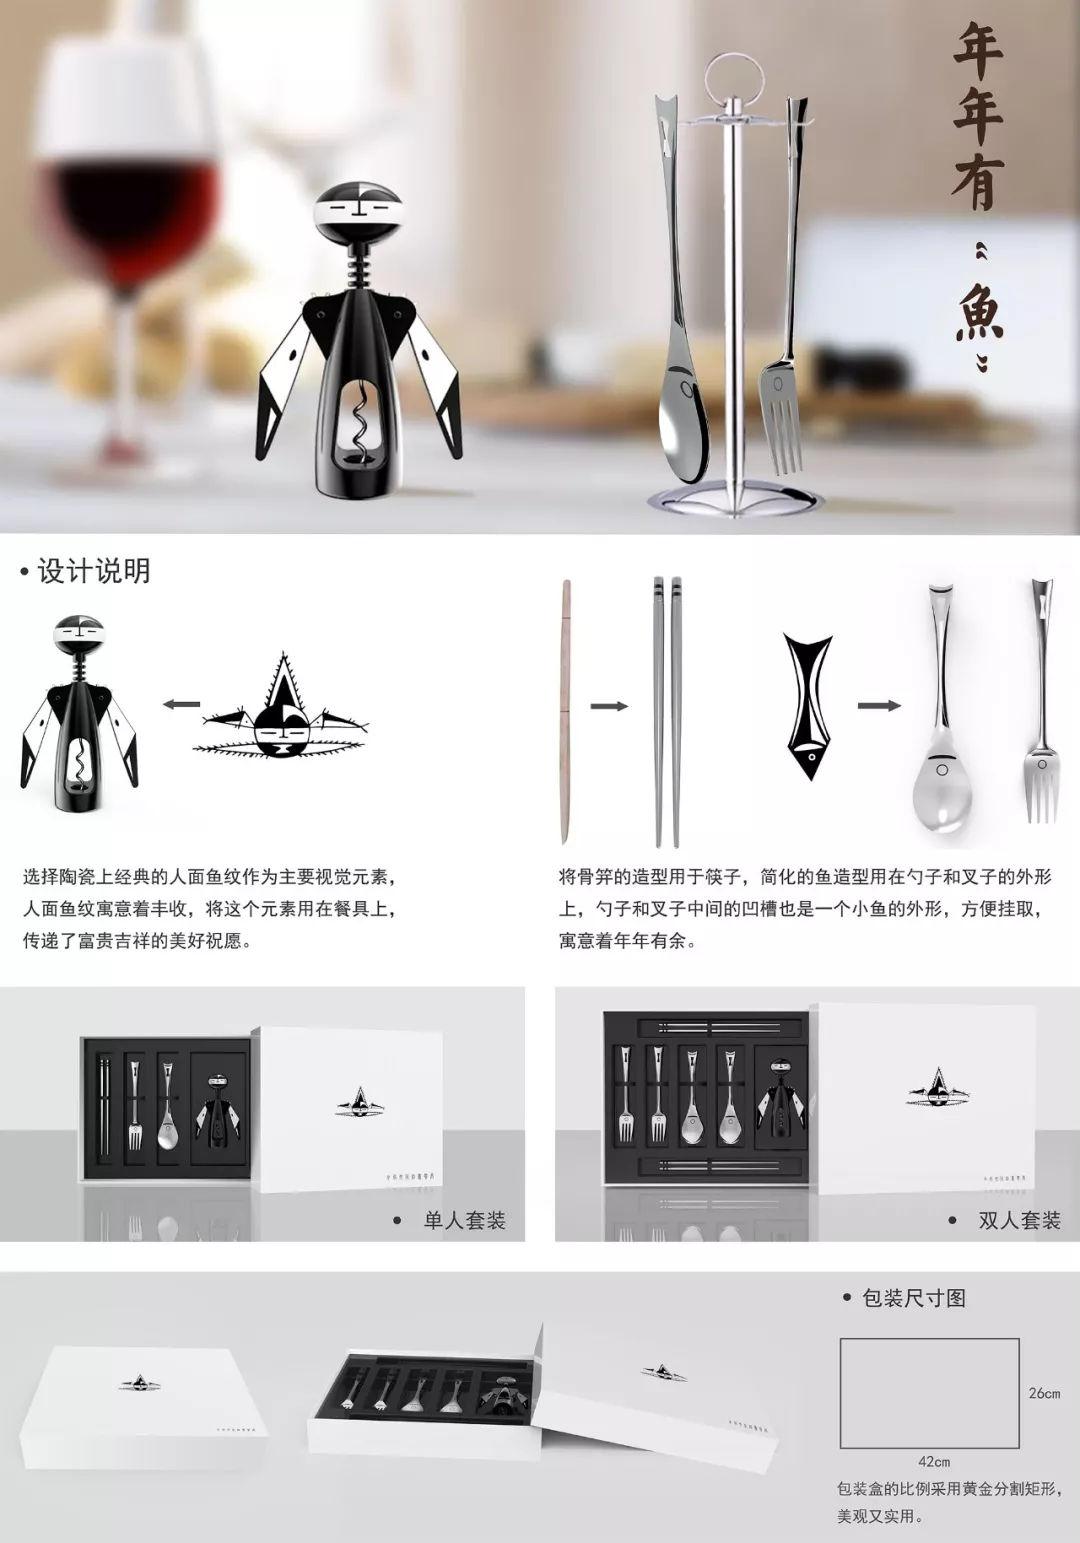 2018中国西安国际文创产品创新设计大赛总结报告图片